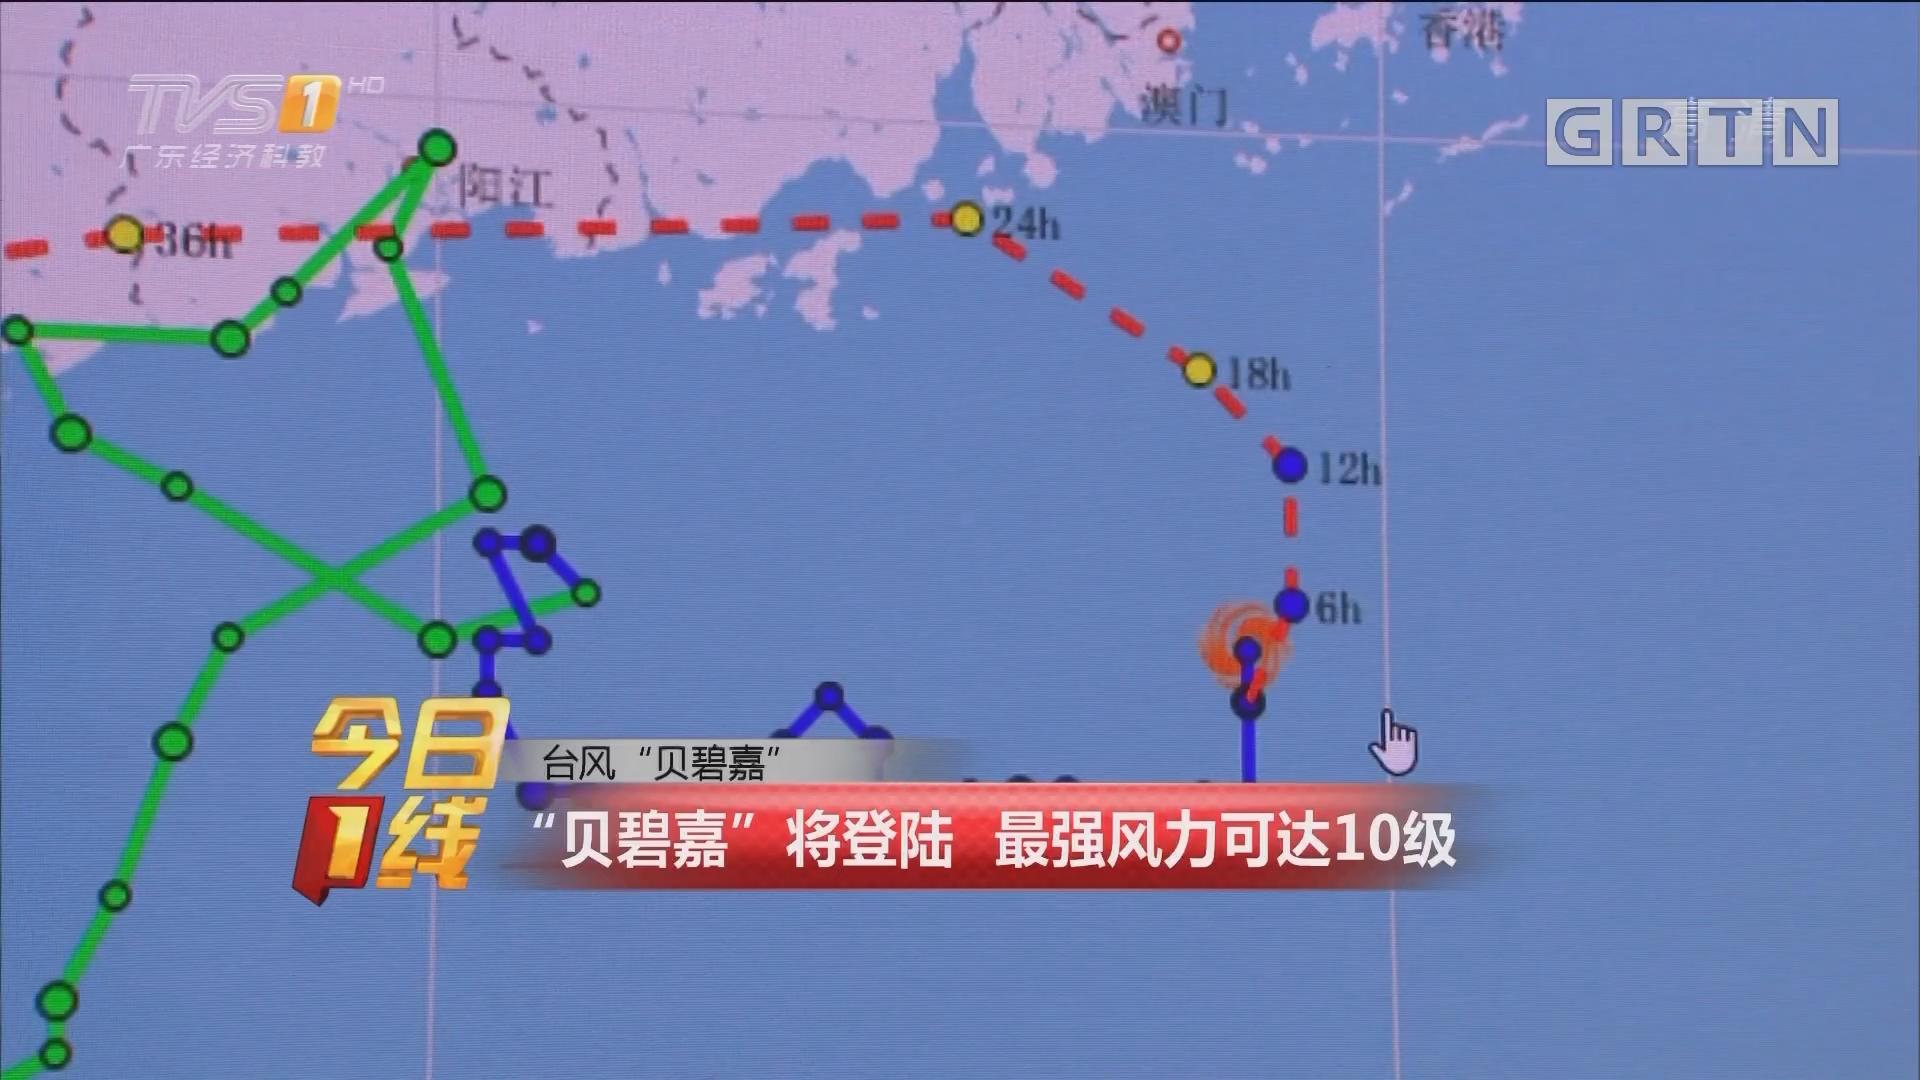 """台风""""贝碧嘉"""":""""贝碧嘉""""将登陆 最强风力可达10级"""